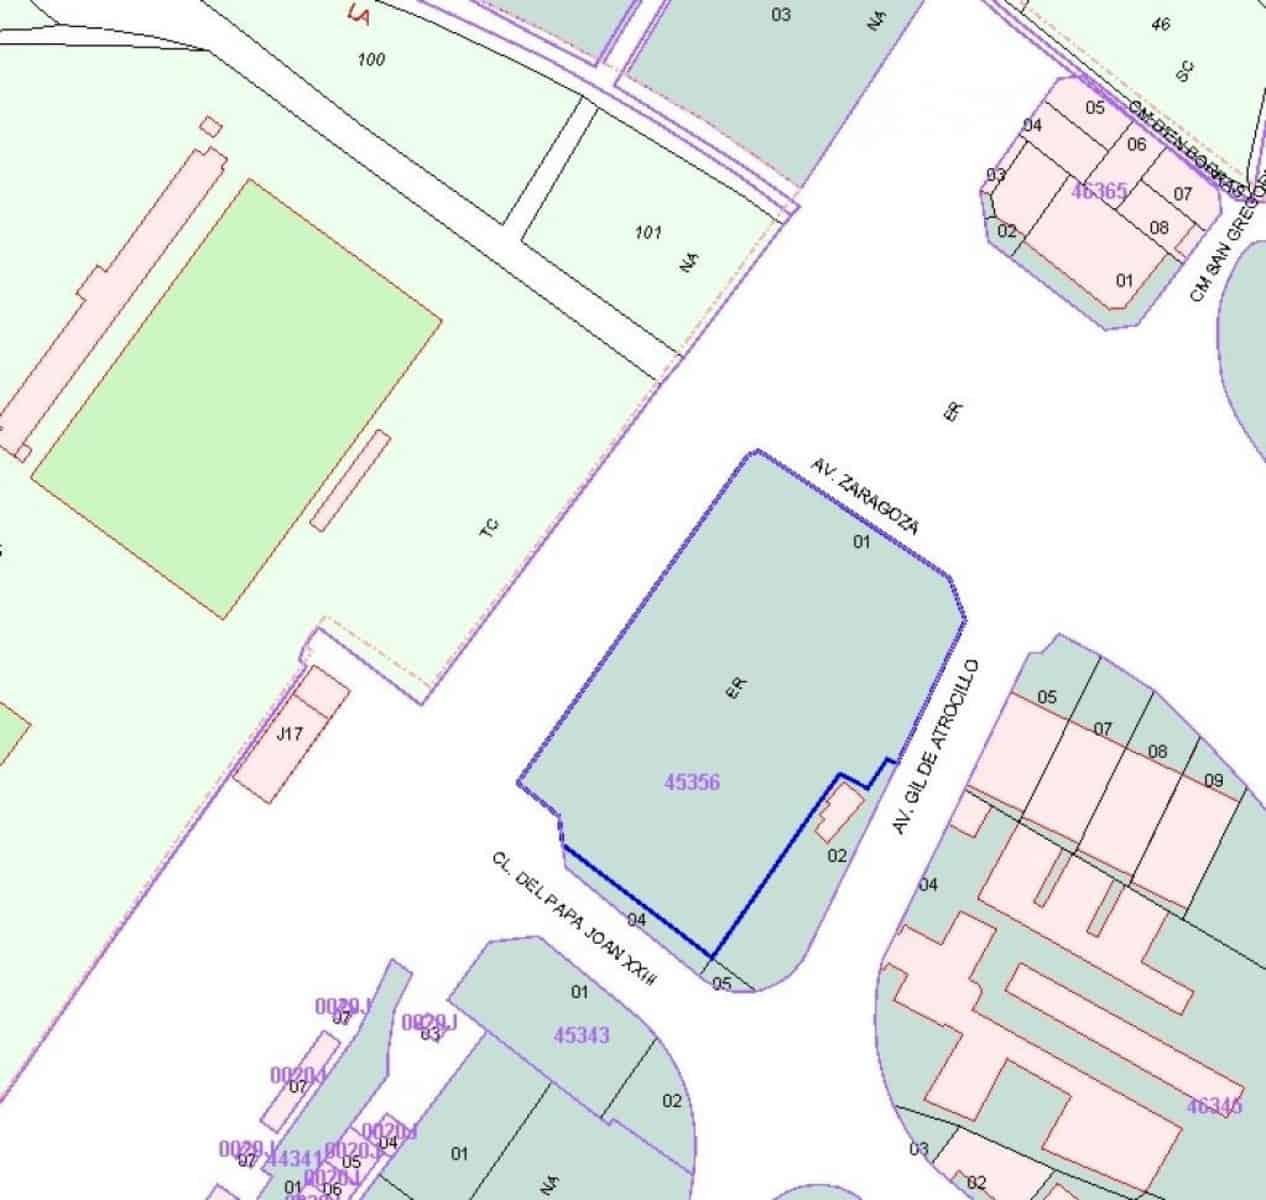 Działka budowlana na sprzedaż w Vinaros - 779 000 € (Ref: 6169094)